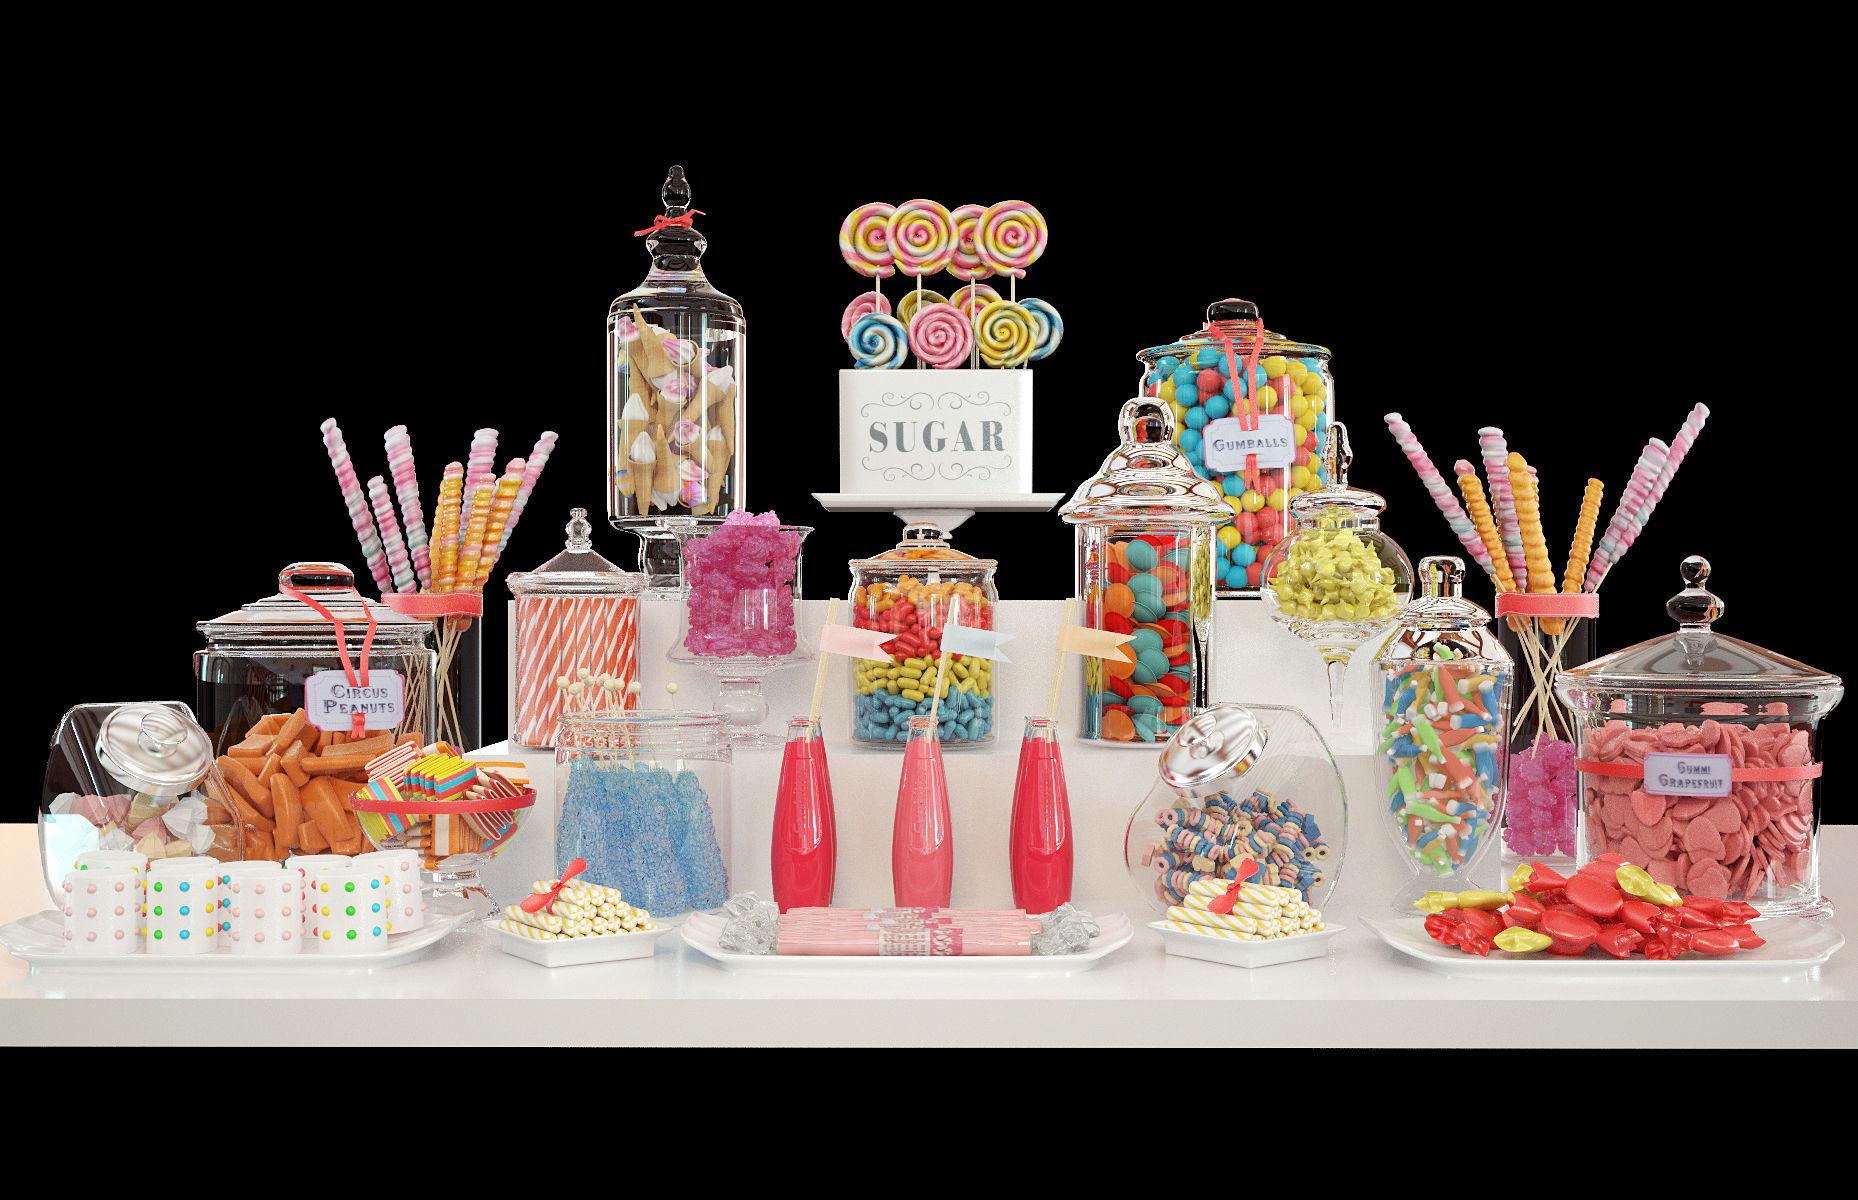 Candy bar set 3D model MAX FBX